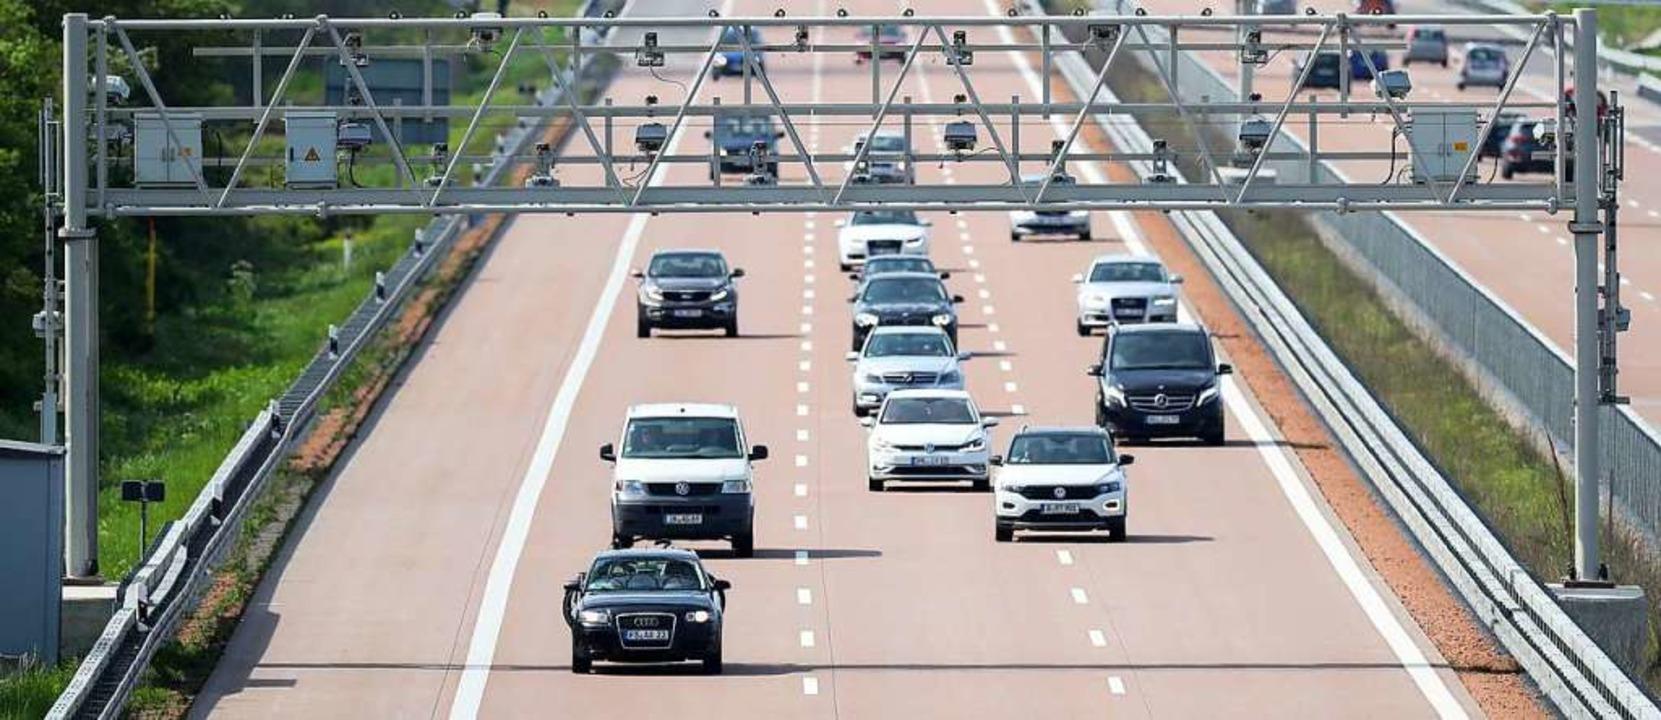 Die Fahrt auf deutschen Autobahnen wird für Autos weiter gratis sein.  | Foto: Jan Woitas (dpa)